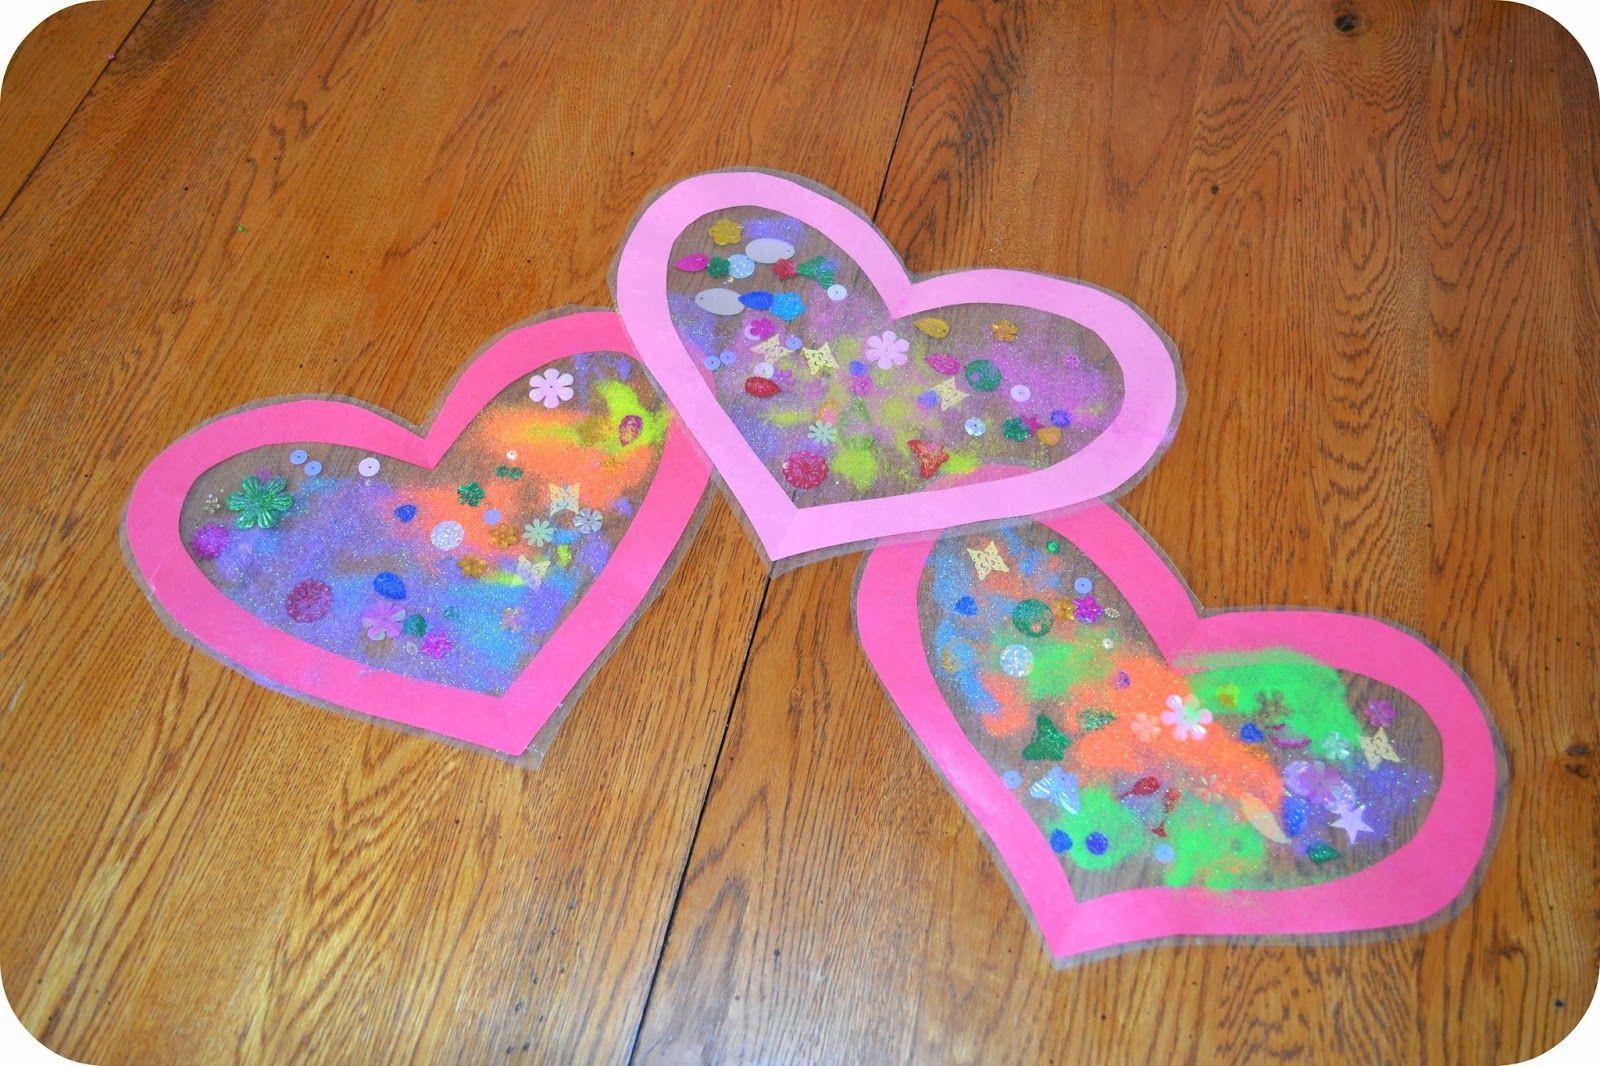 Valentine Day Craft Ideas For Preschoolers  Heart Sun Catcher Valentine s Day Craft